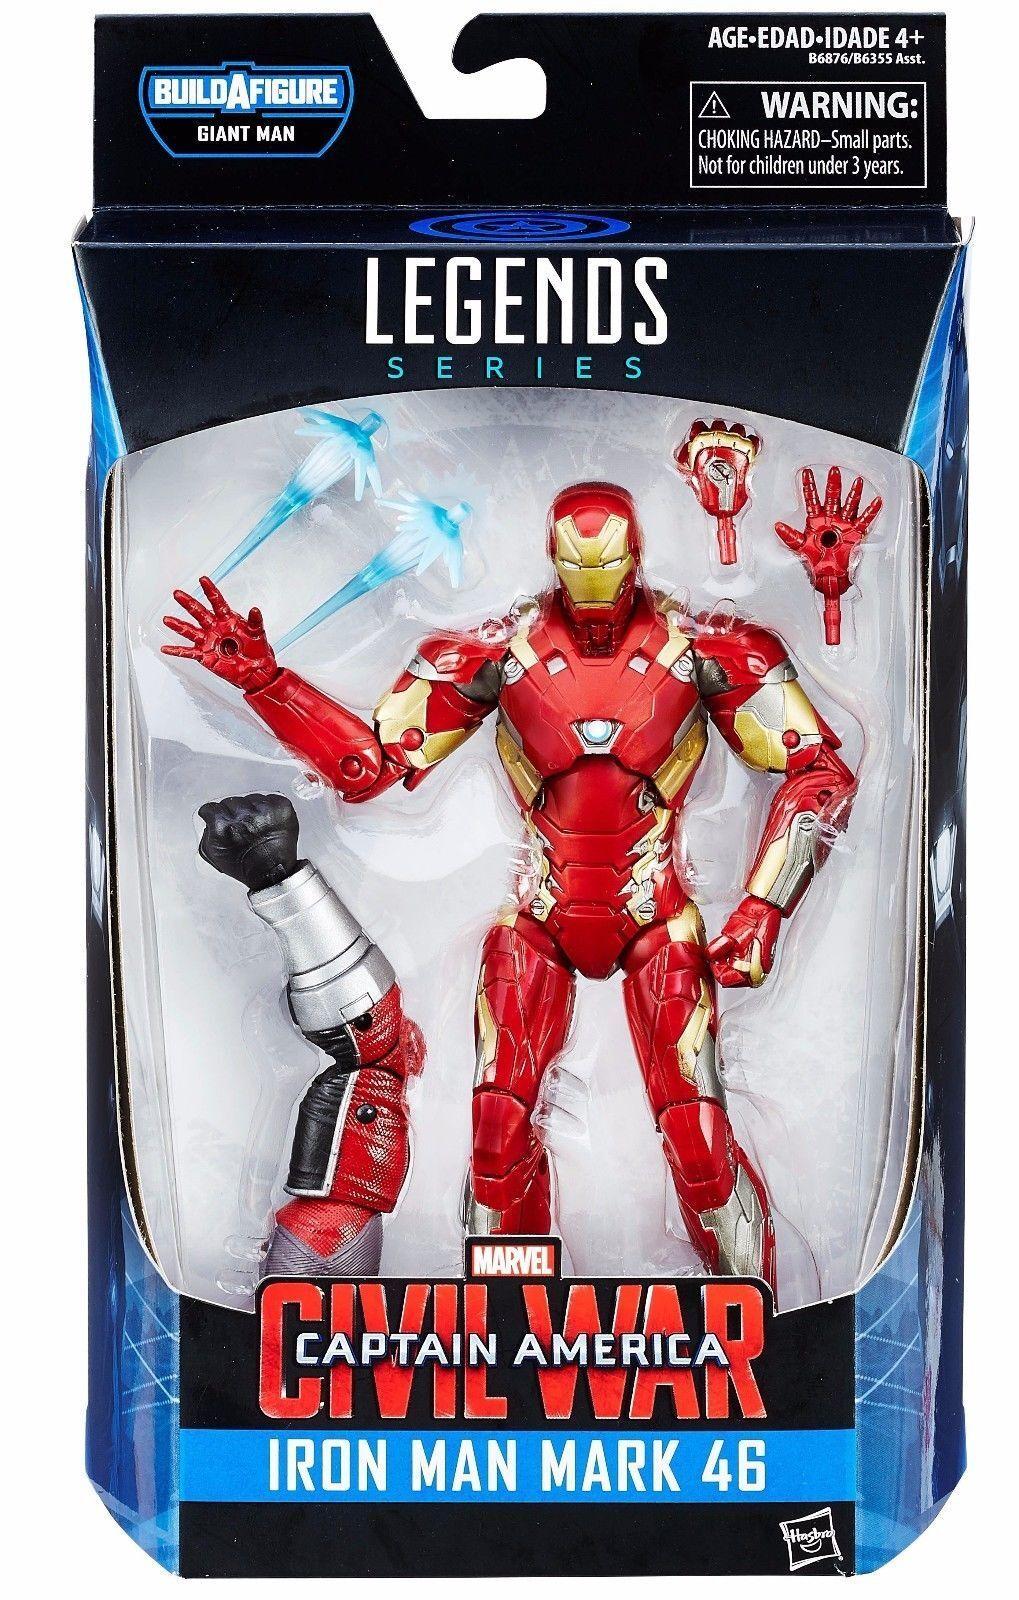 Iron man mark 46 (6